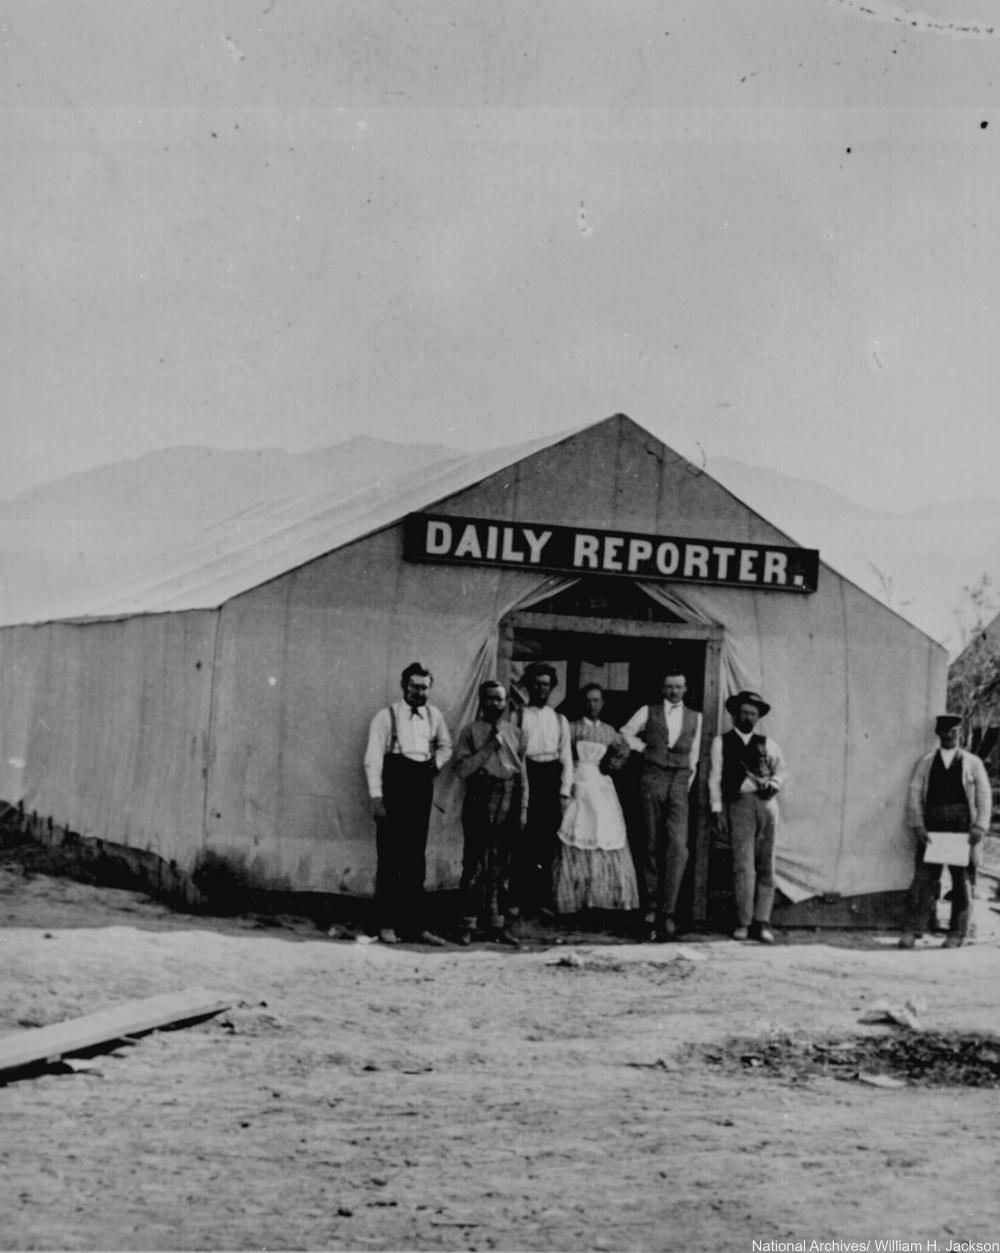 Daily Reporter Building 1869 Utah